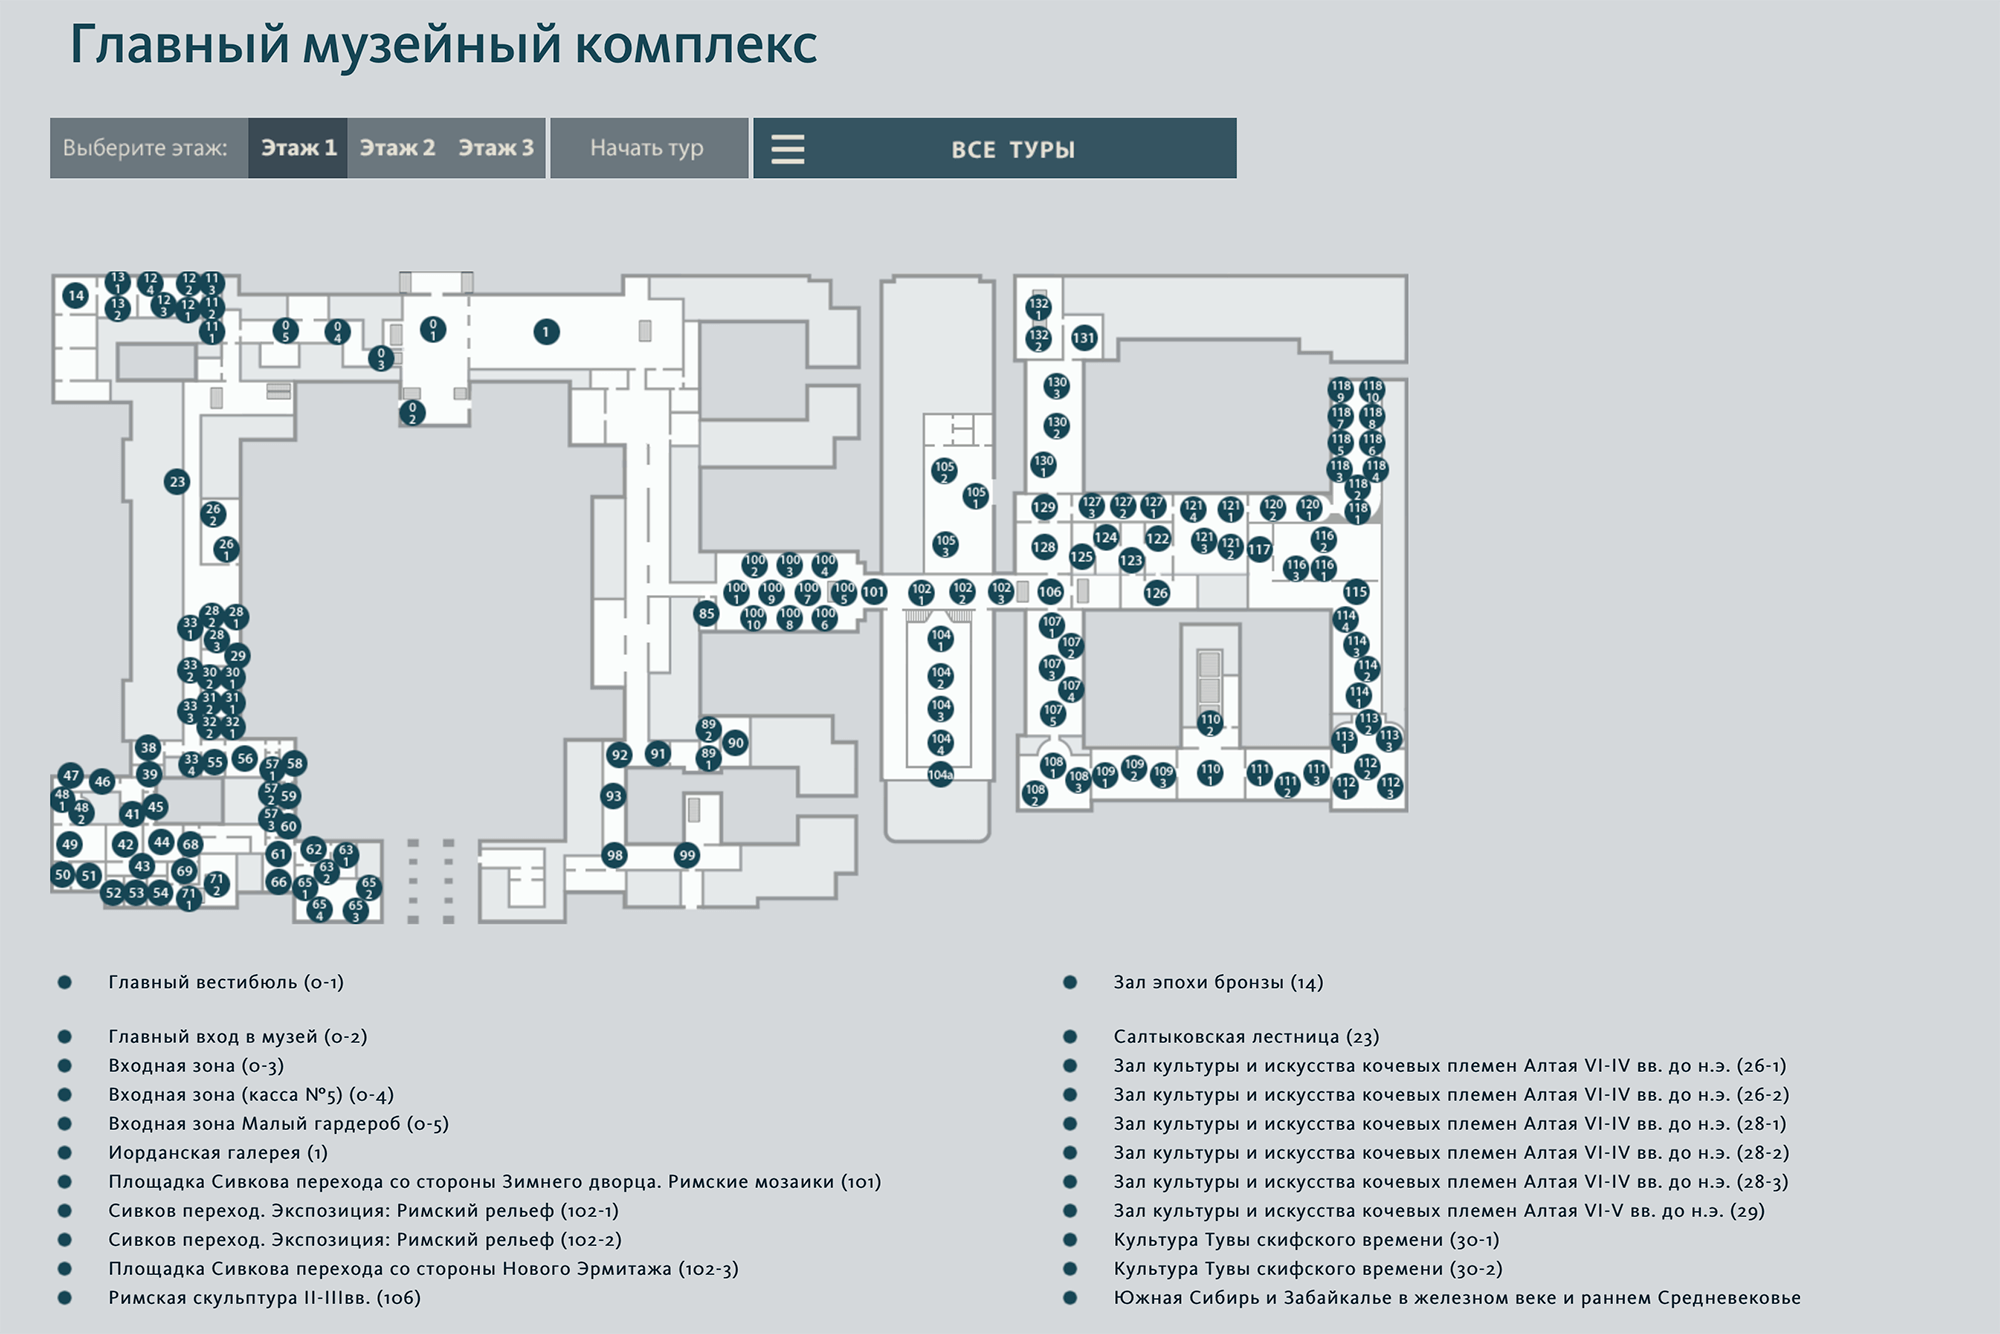 В виртуальном визите по Эрмитажу доступны 300 залов